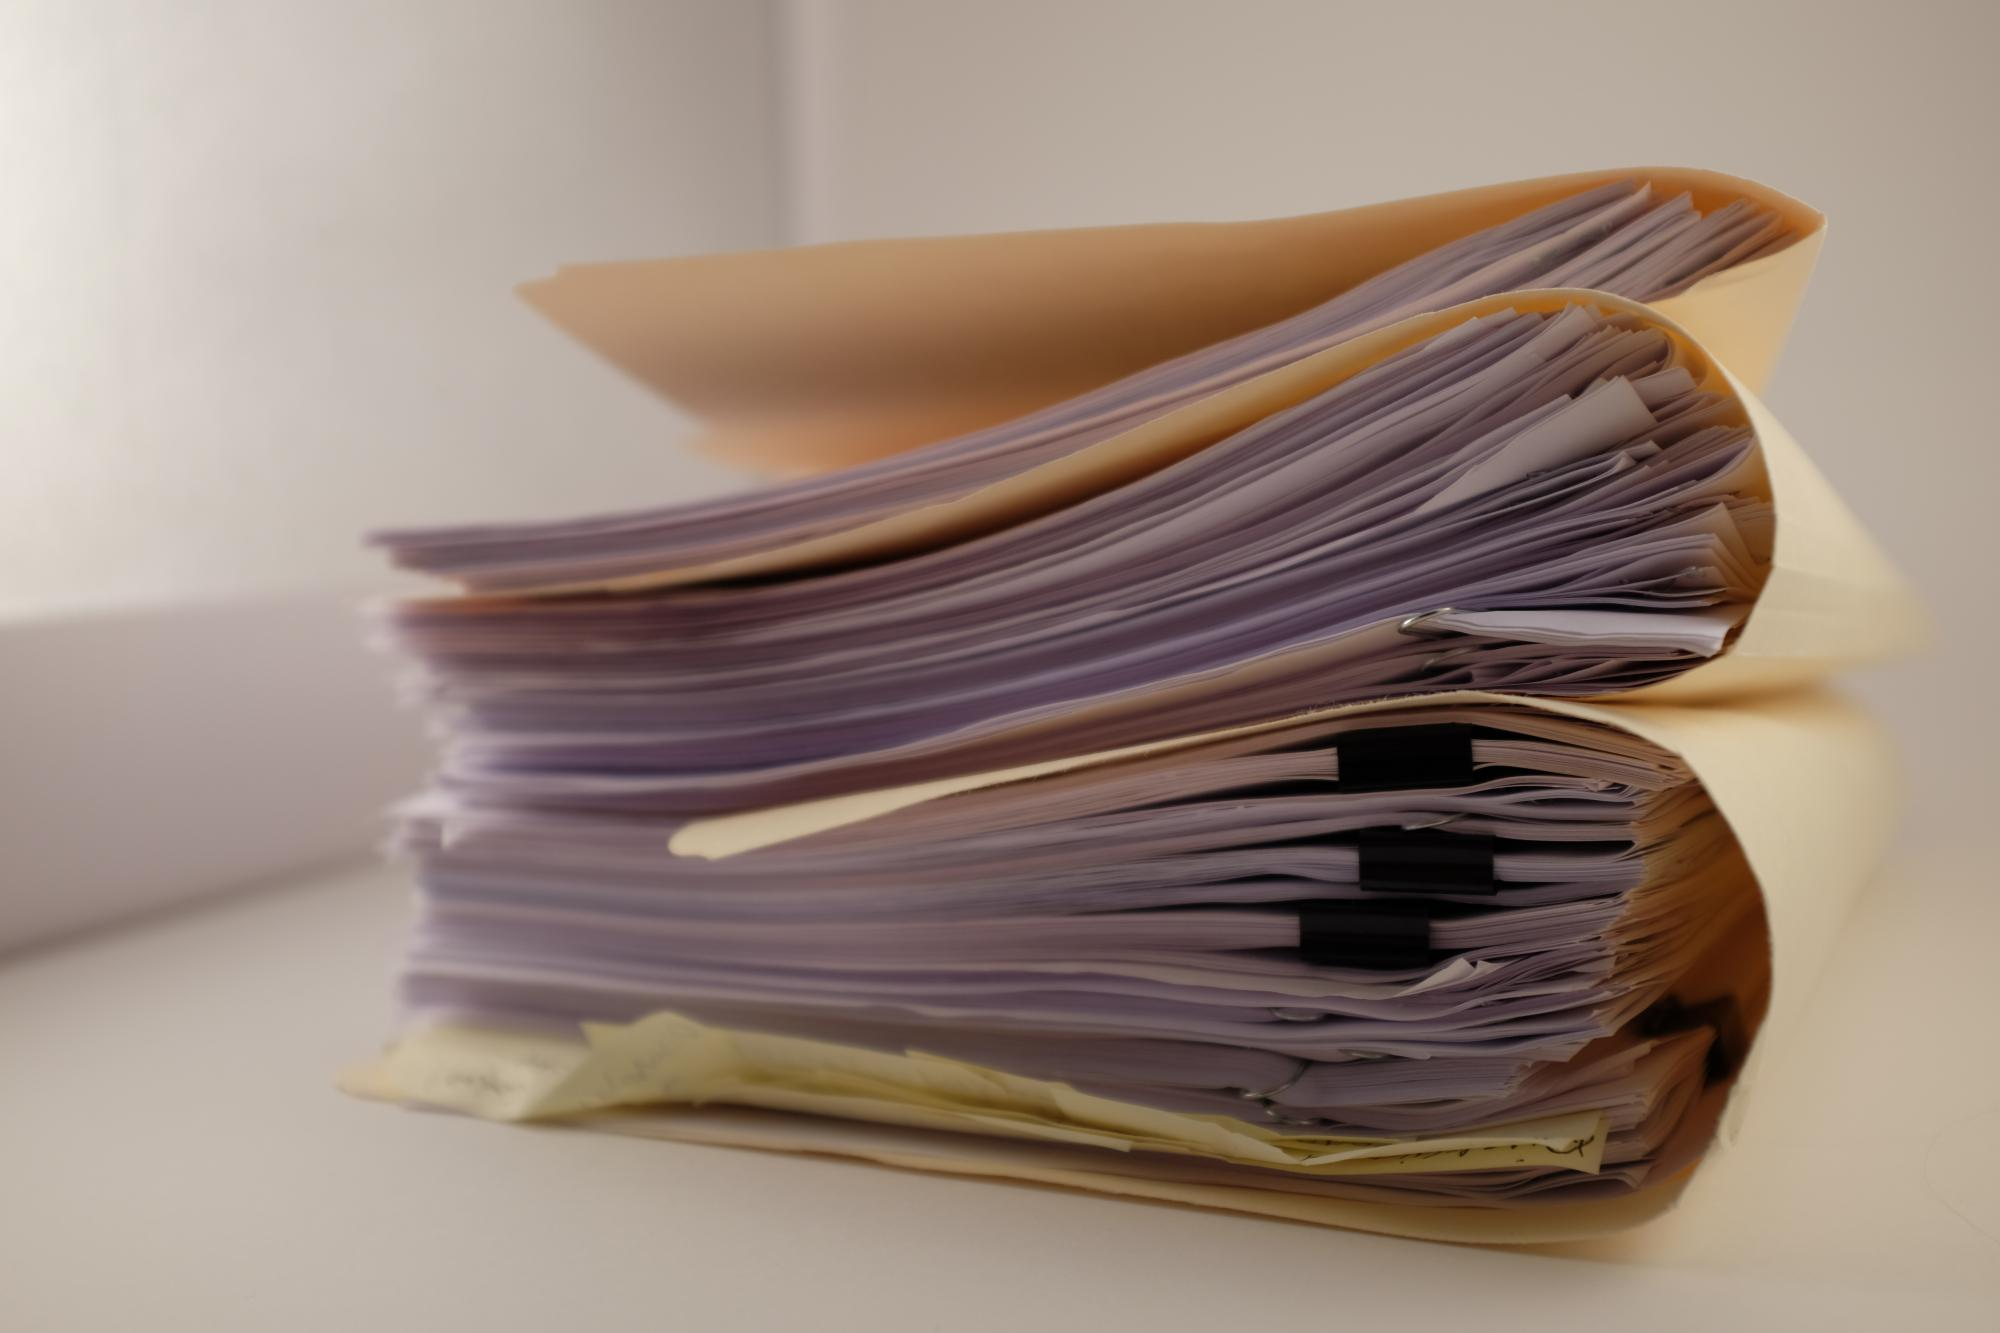 Минфин предлагает публиковать в интернет-версии ЕГРЮЛ сведения об учредителях